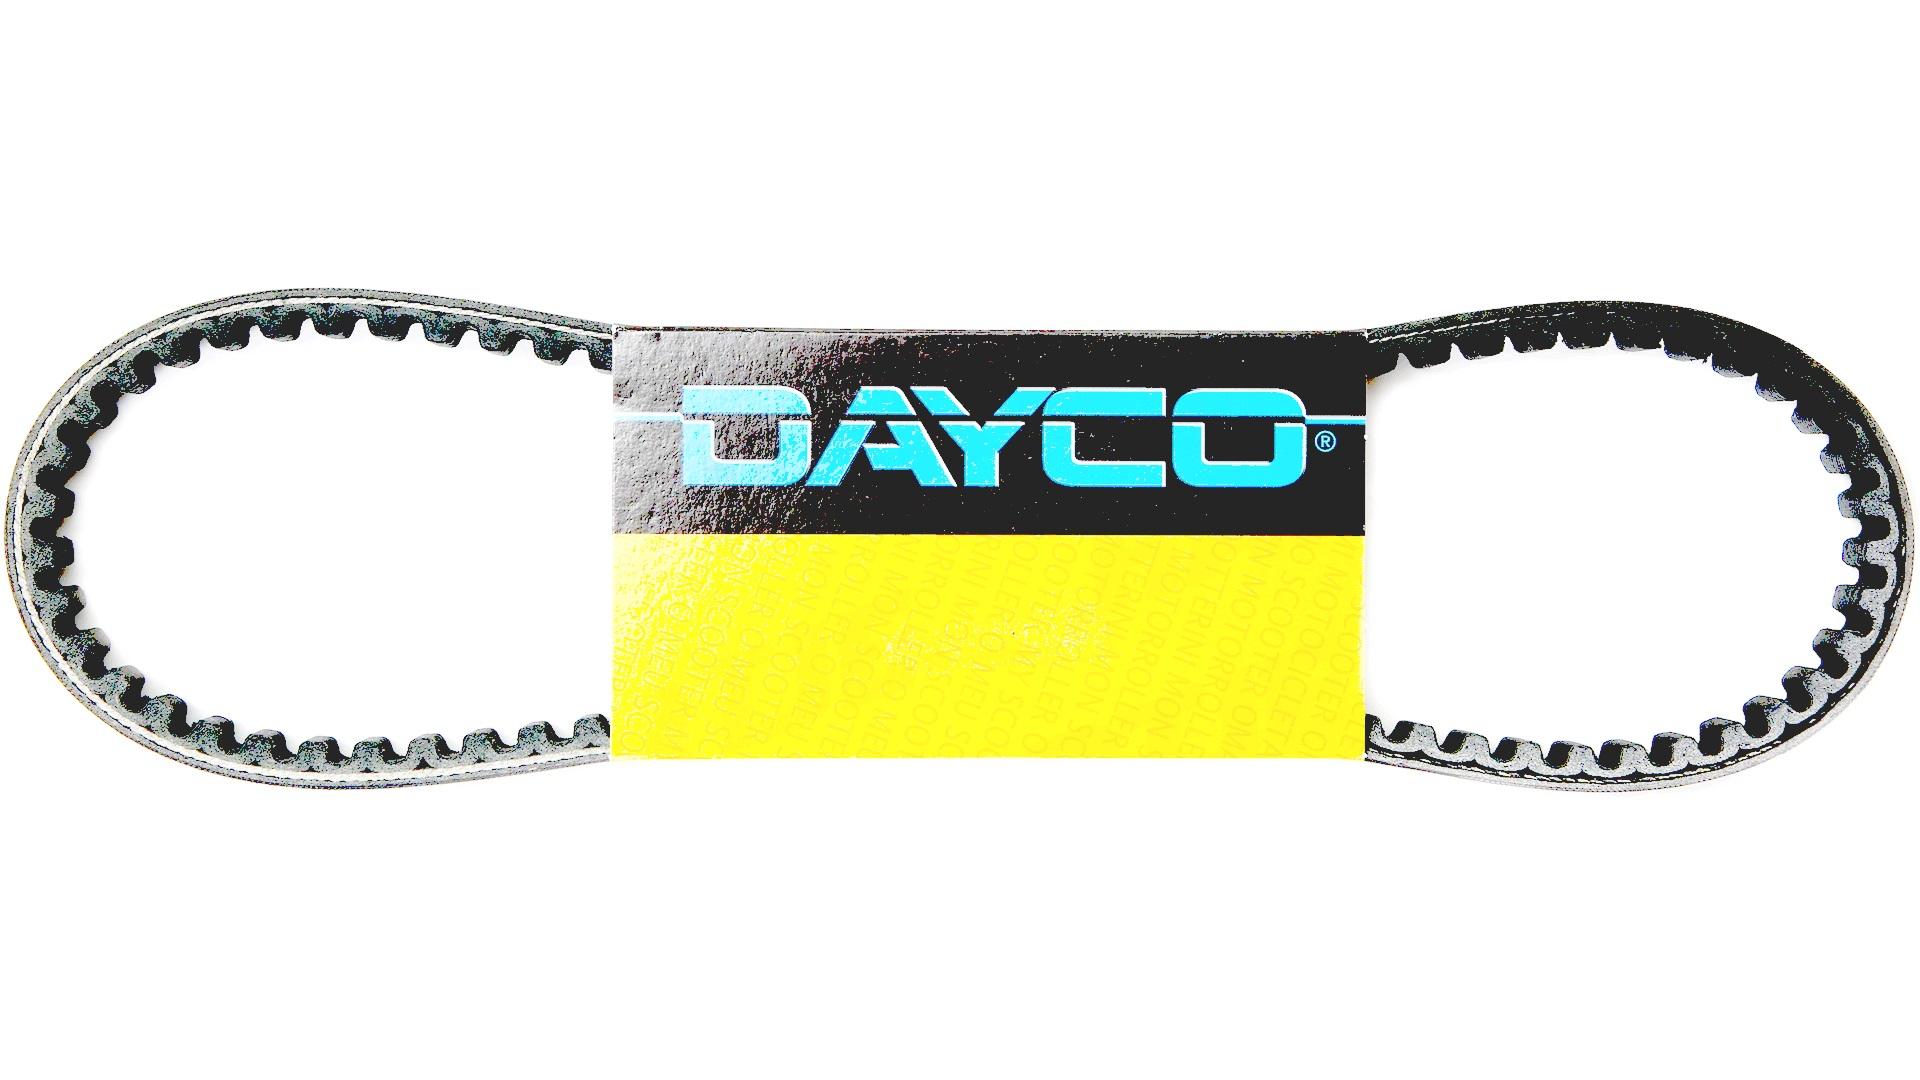 Keilriemen Dayco Power Plus für Suzuki UH Burgman 125ccm 2007